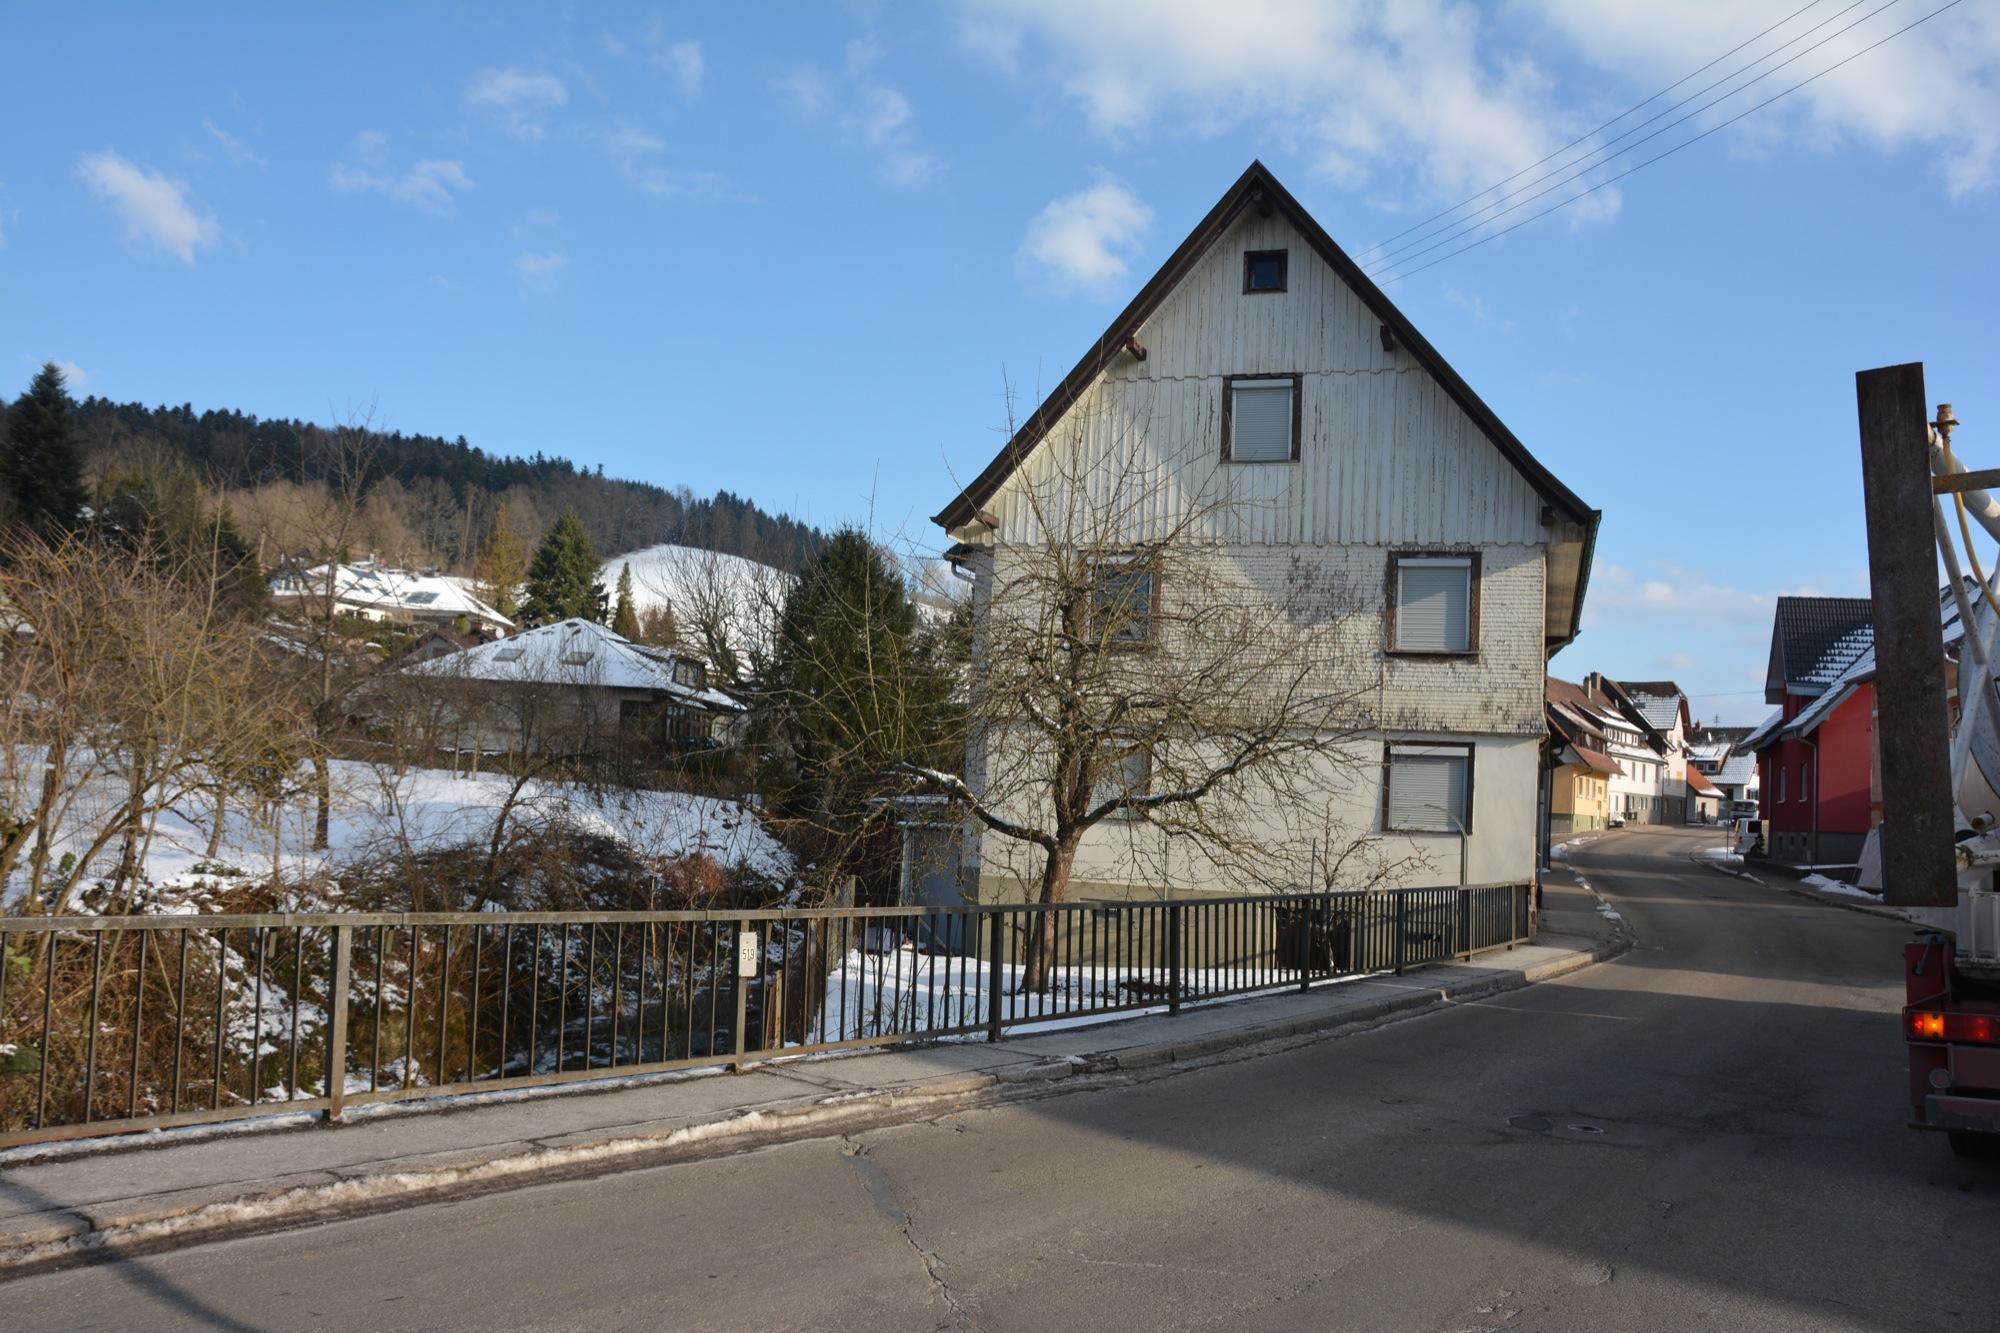 Ortsdurchfahrt Unterharmersbach verändert sich | Schwarzwälder Post